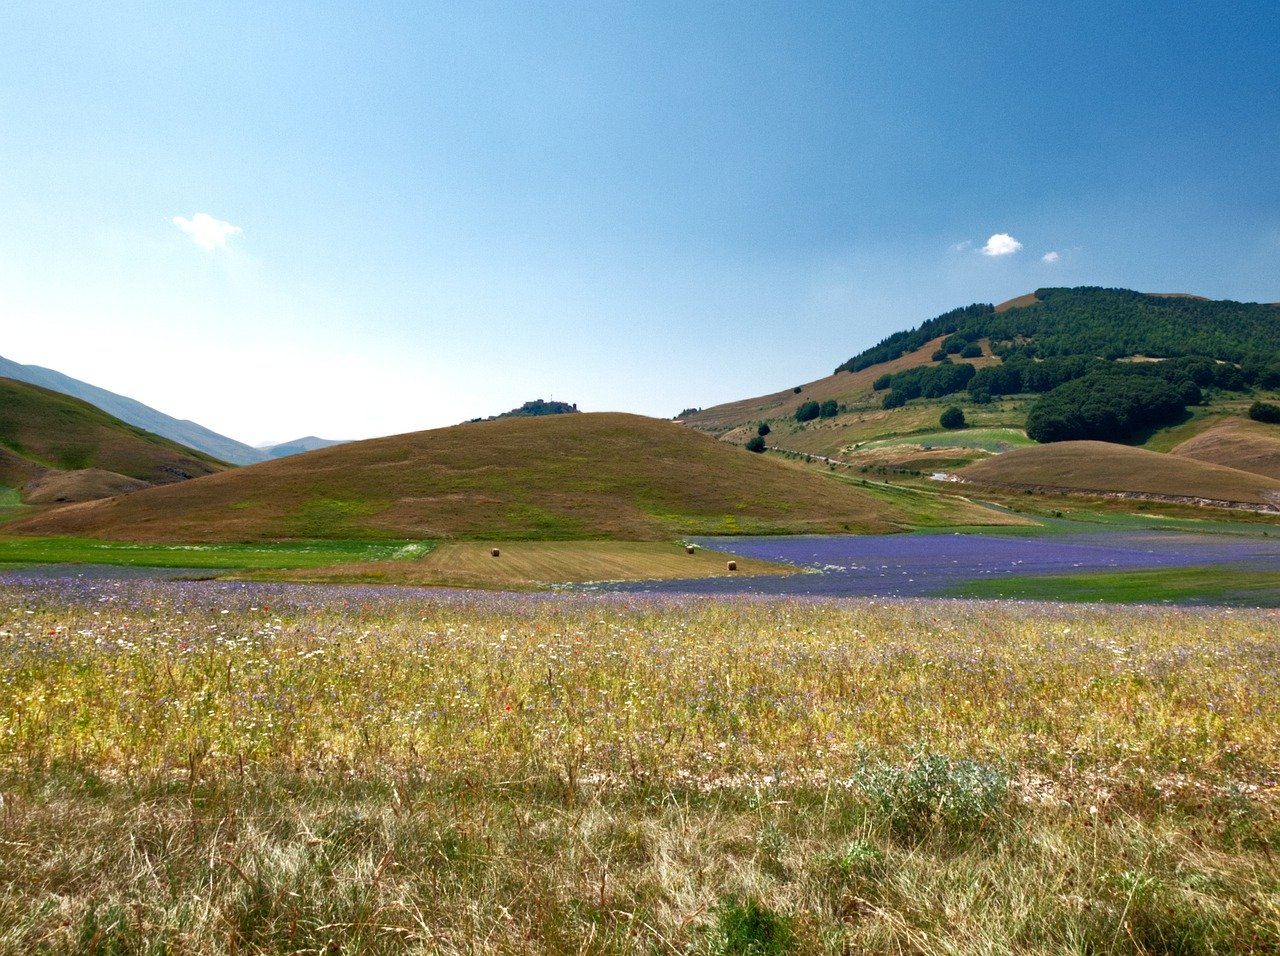 A Castelluccio di Norcia la fioritura entra nel suo culmine.